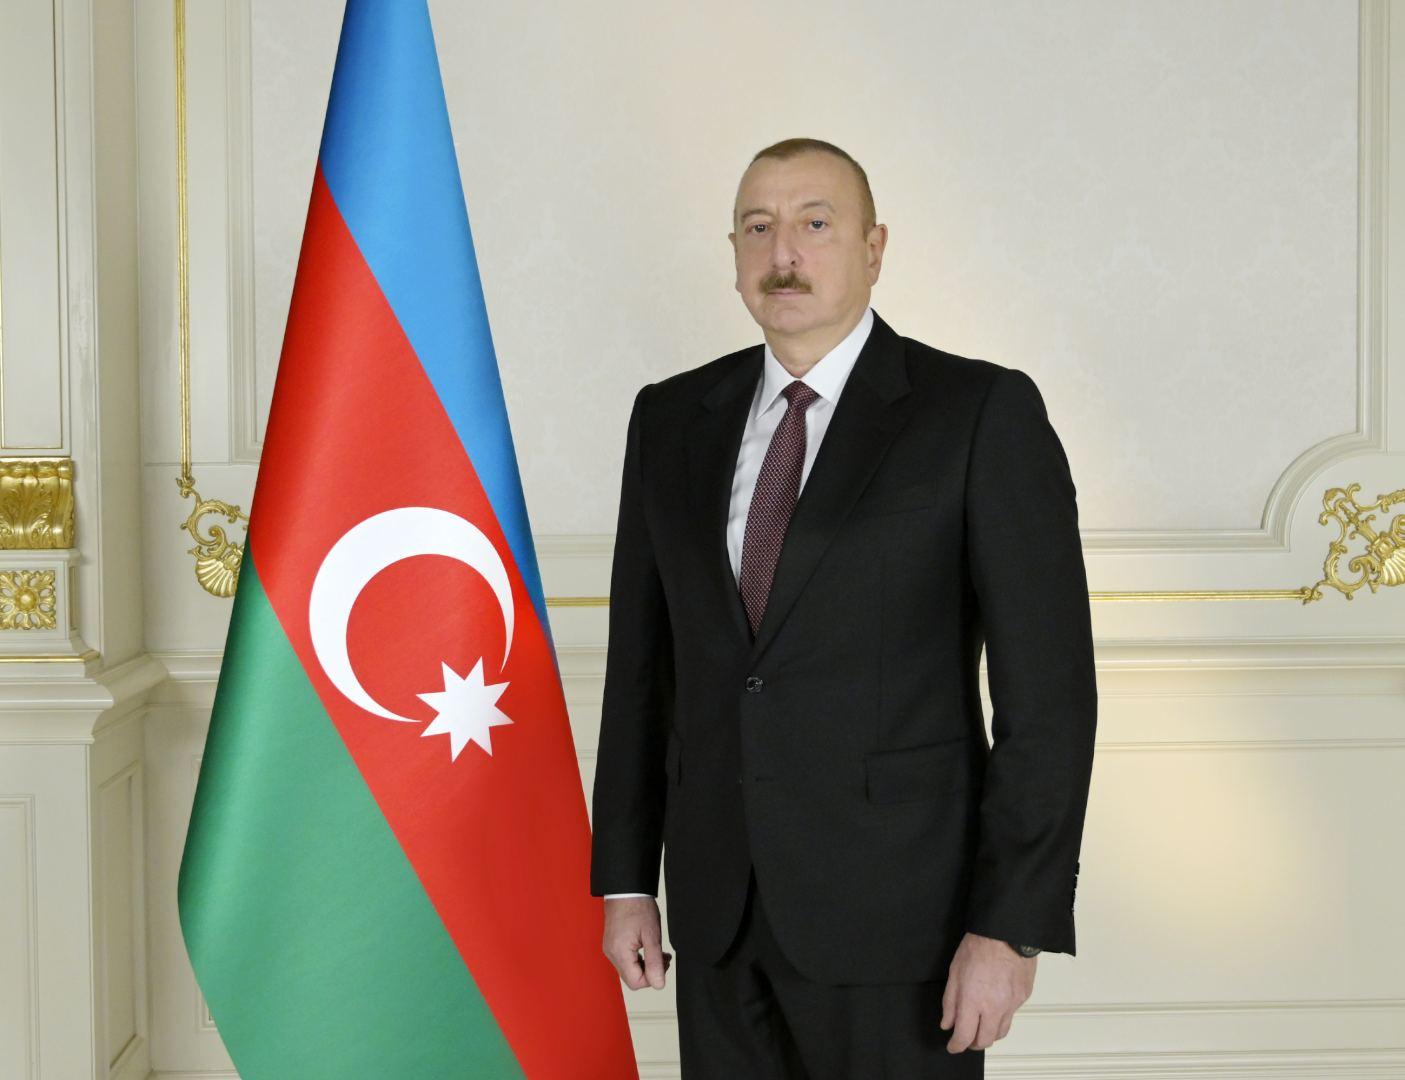 2021/07/ilham_aliyev_main_photo_200320_3_1626253610.jpg